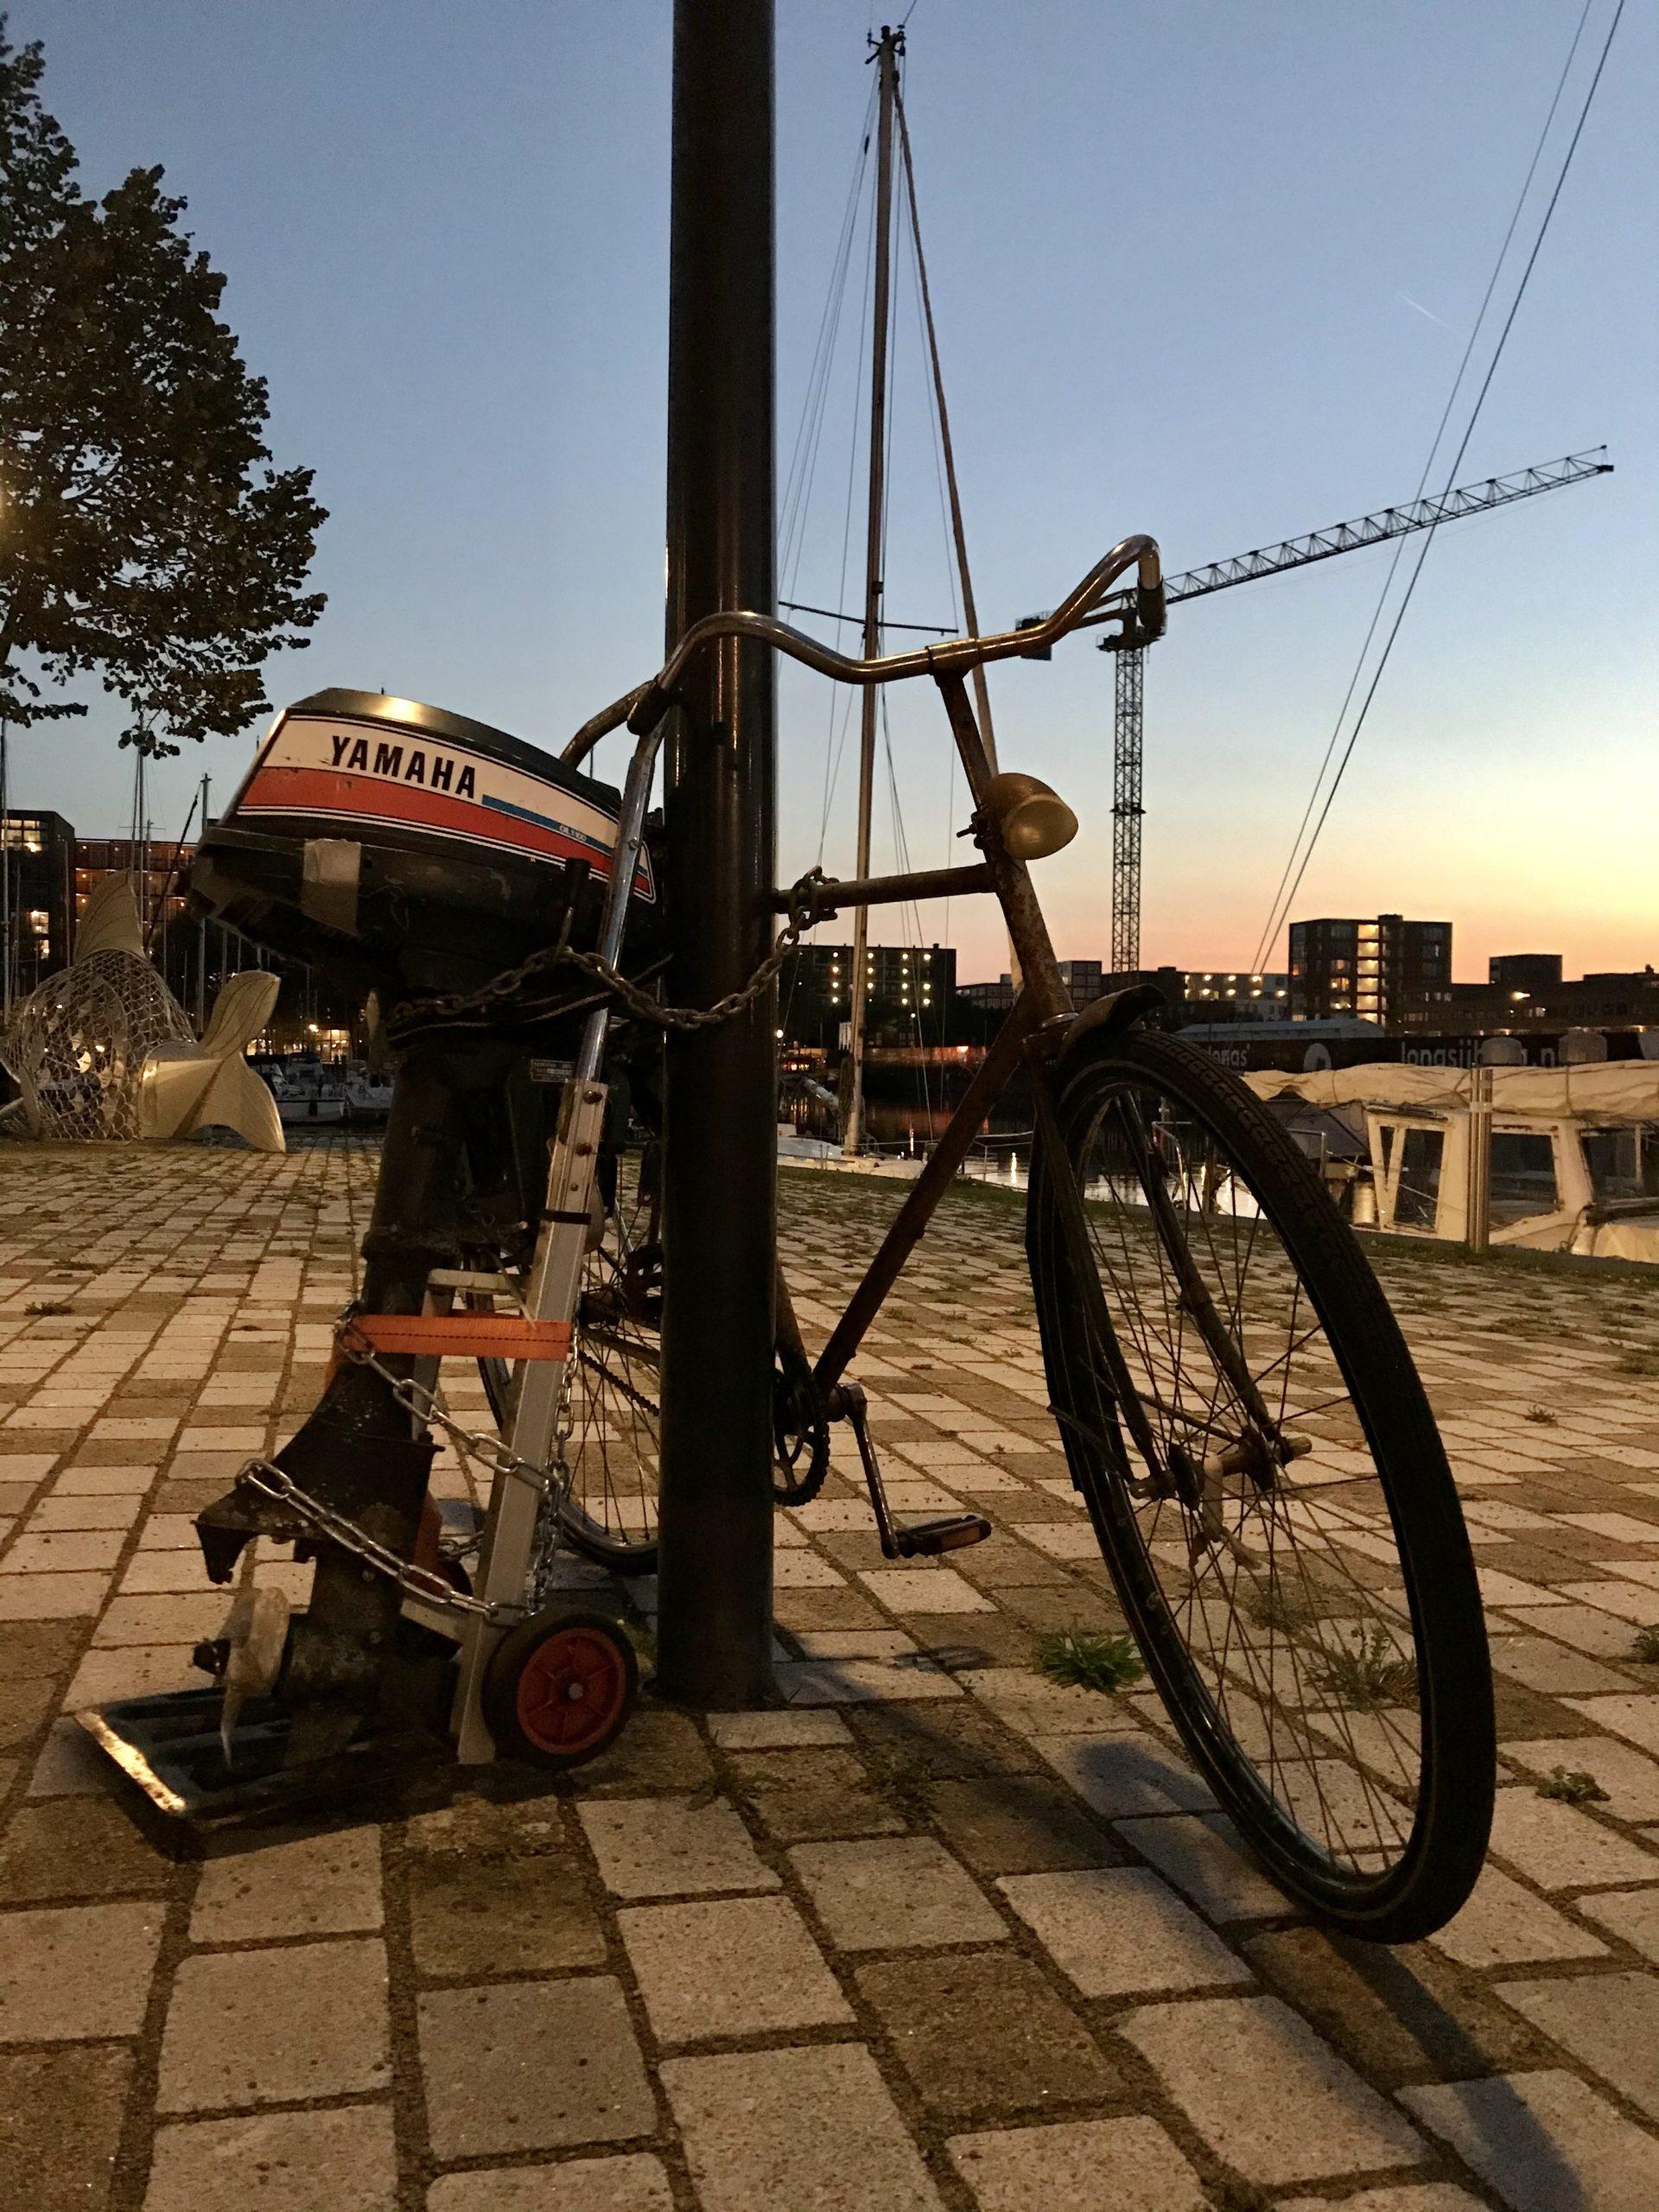 Fahrrad mit Außenborder - Amsterdam, Niederlande